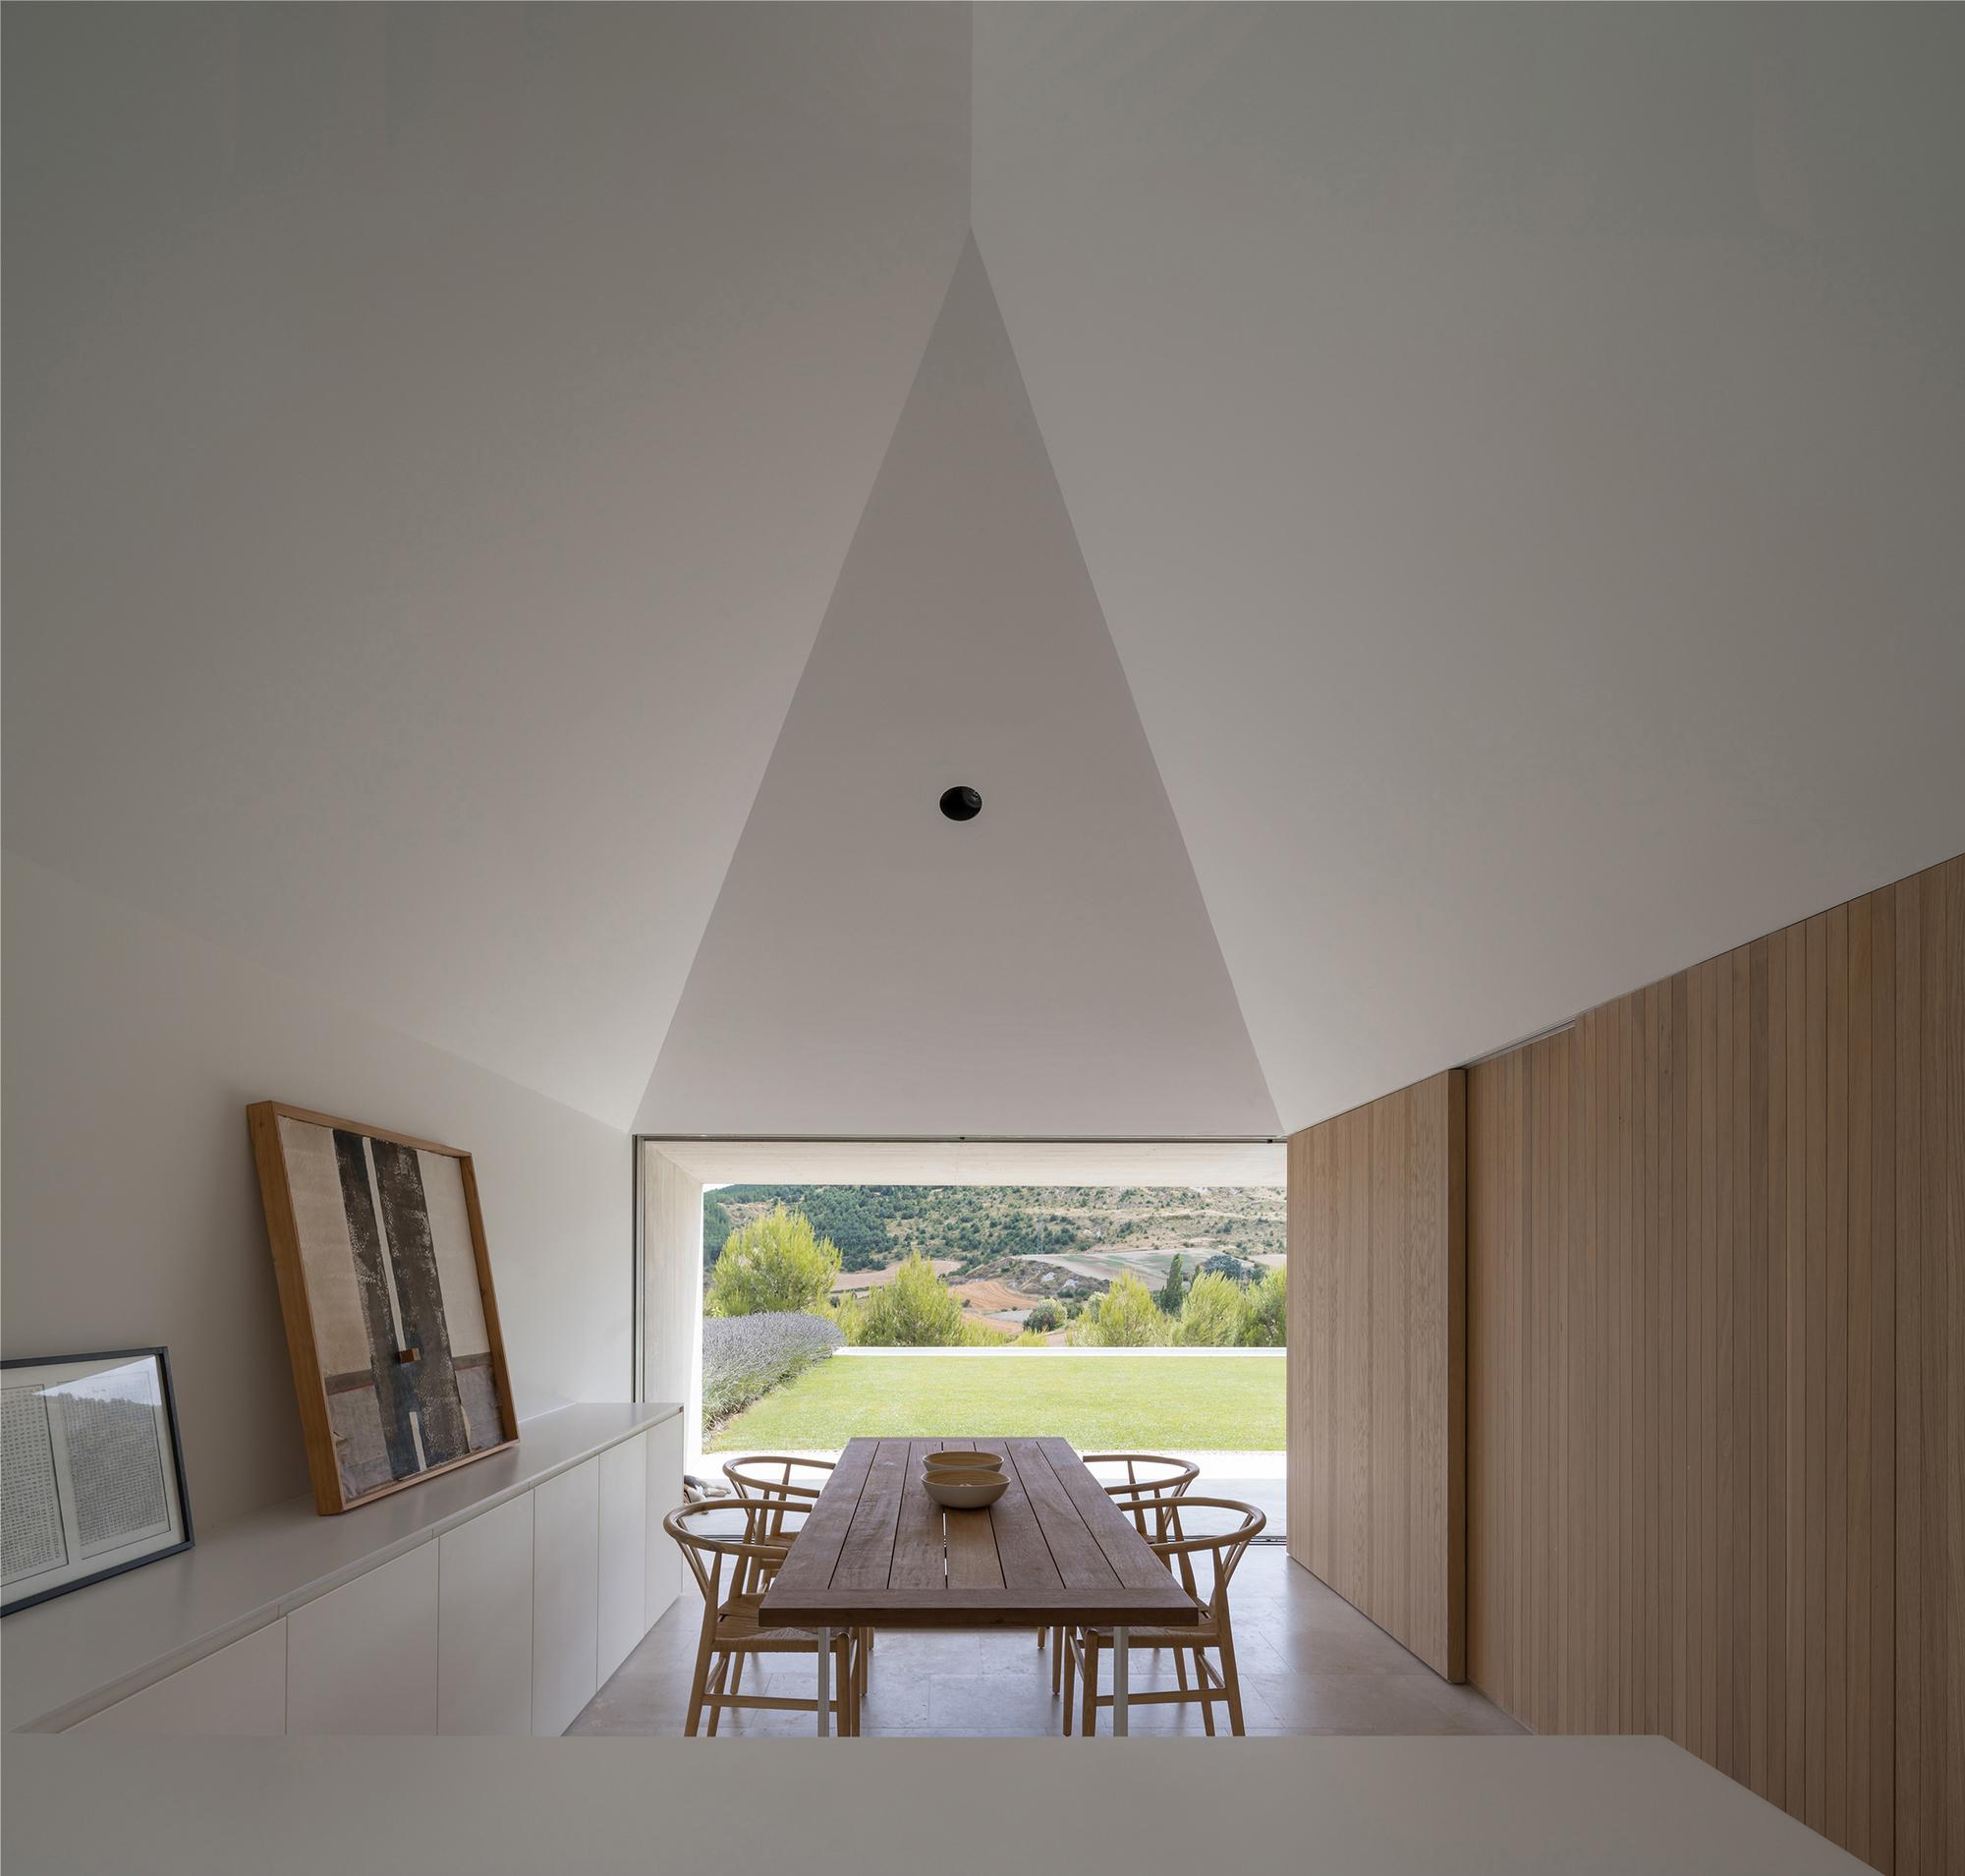 Galer a de vivienda en pamplona pereda p rez arquitectos 3 - Arquitectos en pamplona ...